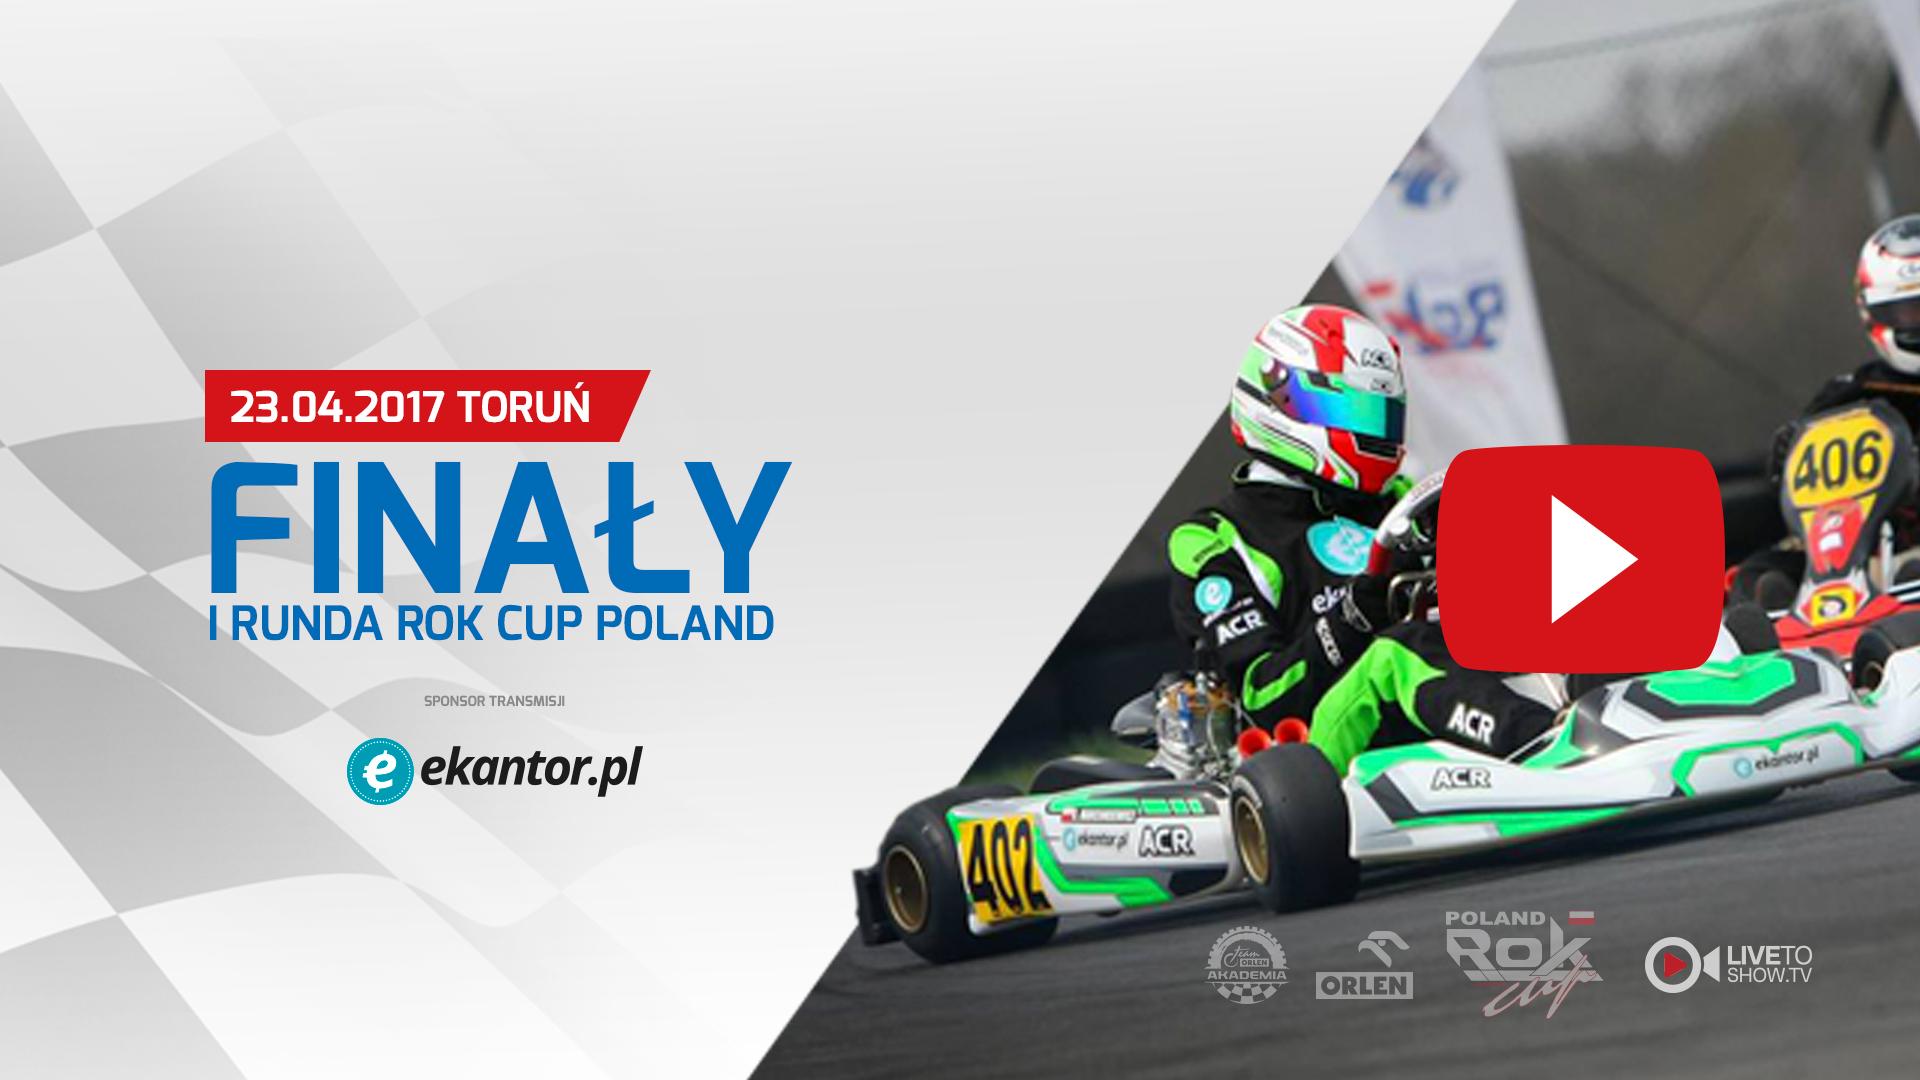 1 seria ROK CUP POLAND 2017